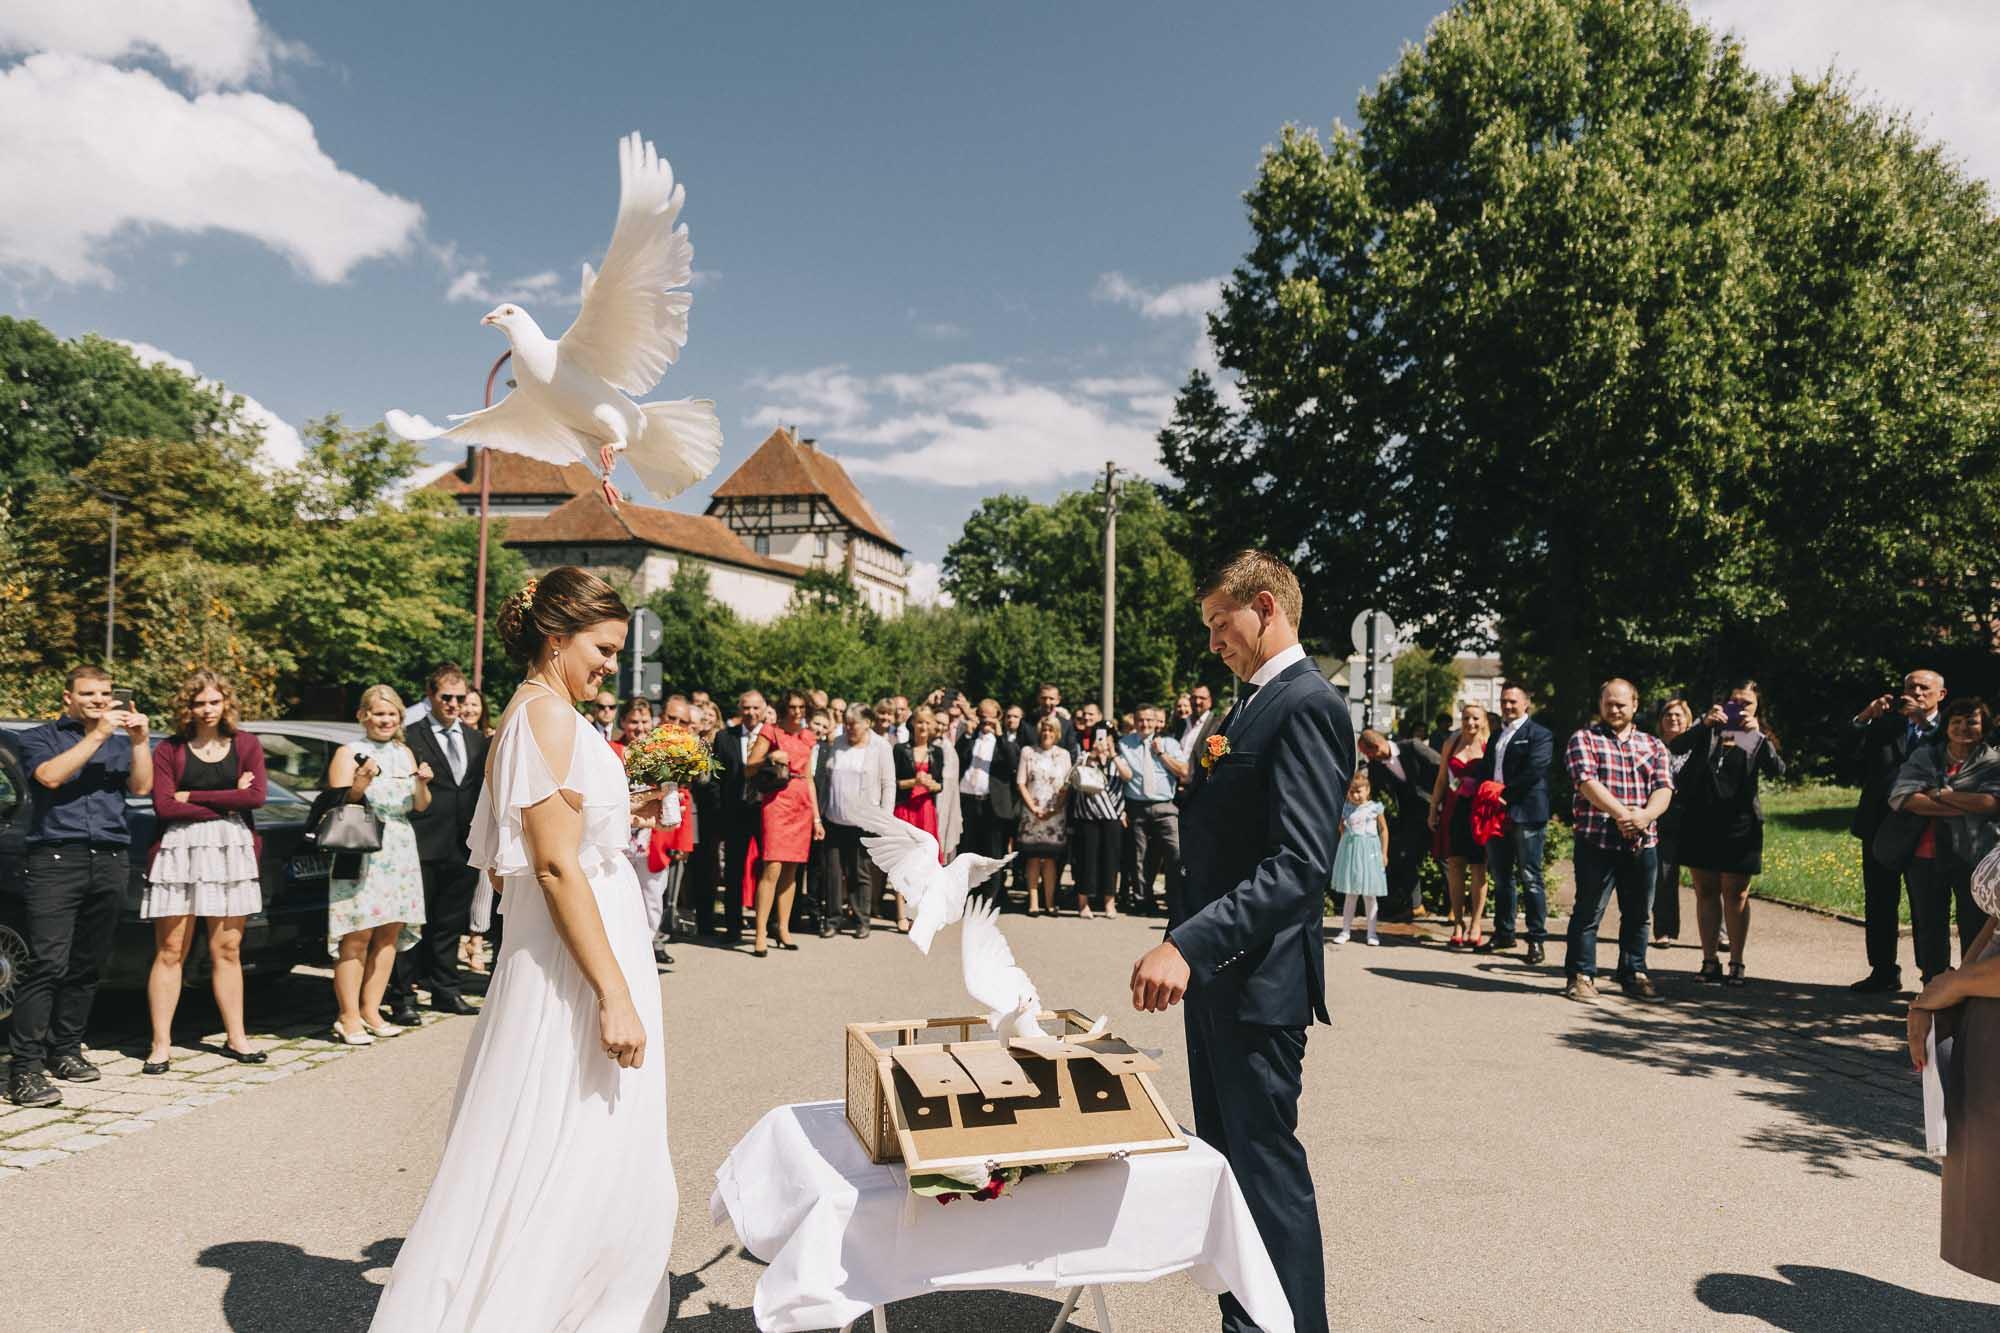 Hochzeitsreportage-Crailsheim-Krystina-Stefan-55